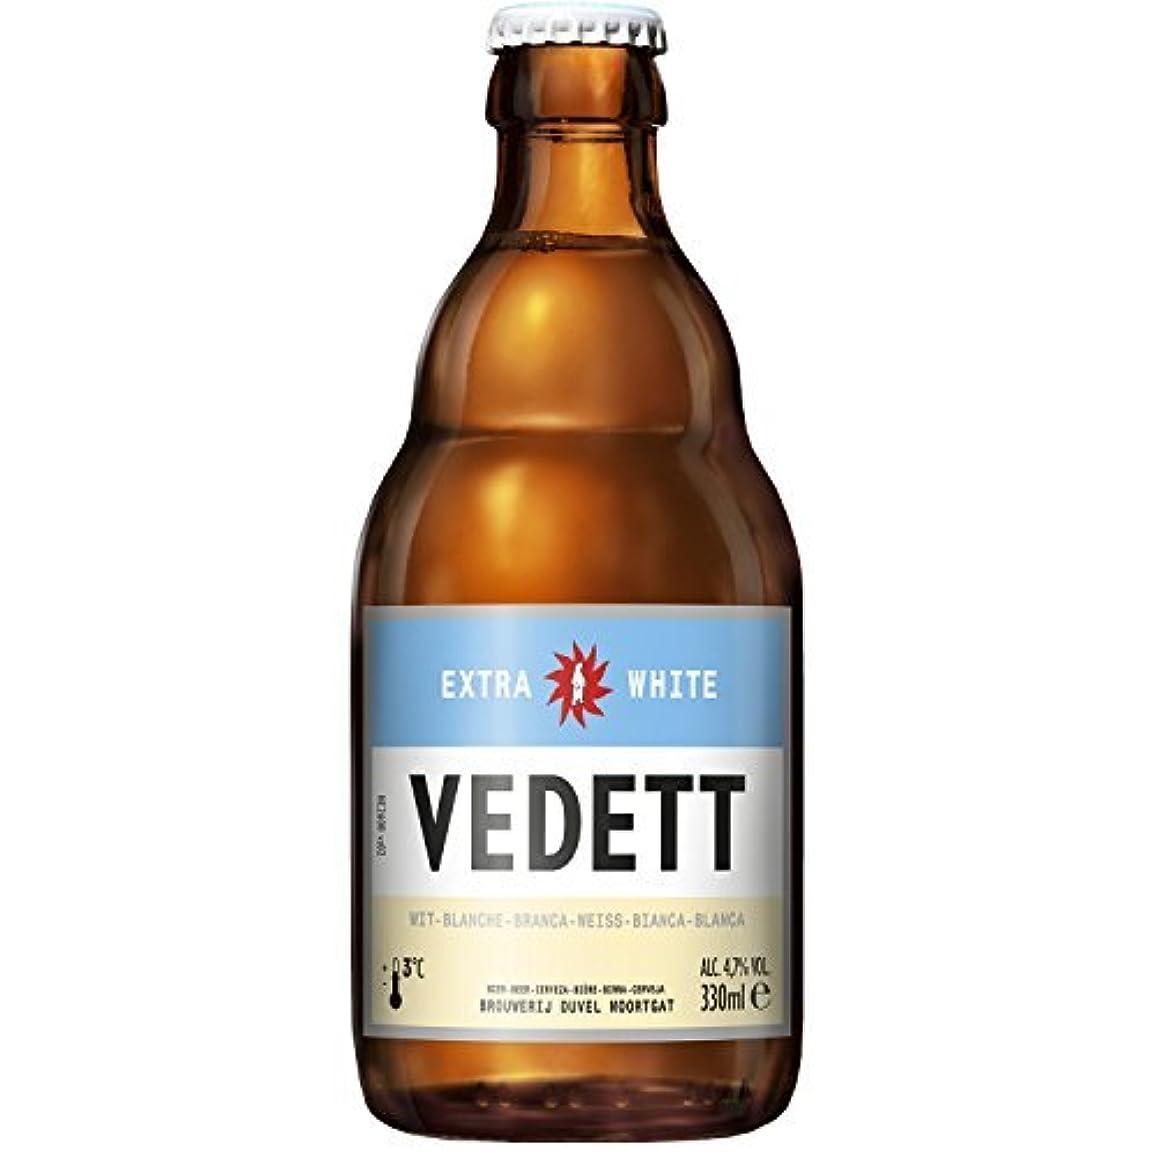 谷寄付長いですヴェデットエクストラホワイト 330ml /ヴェデット(6本)